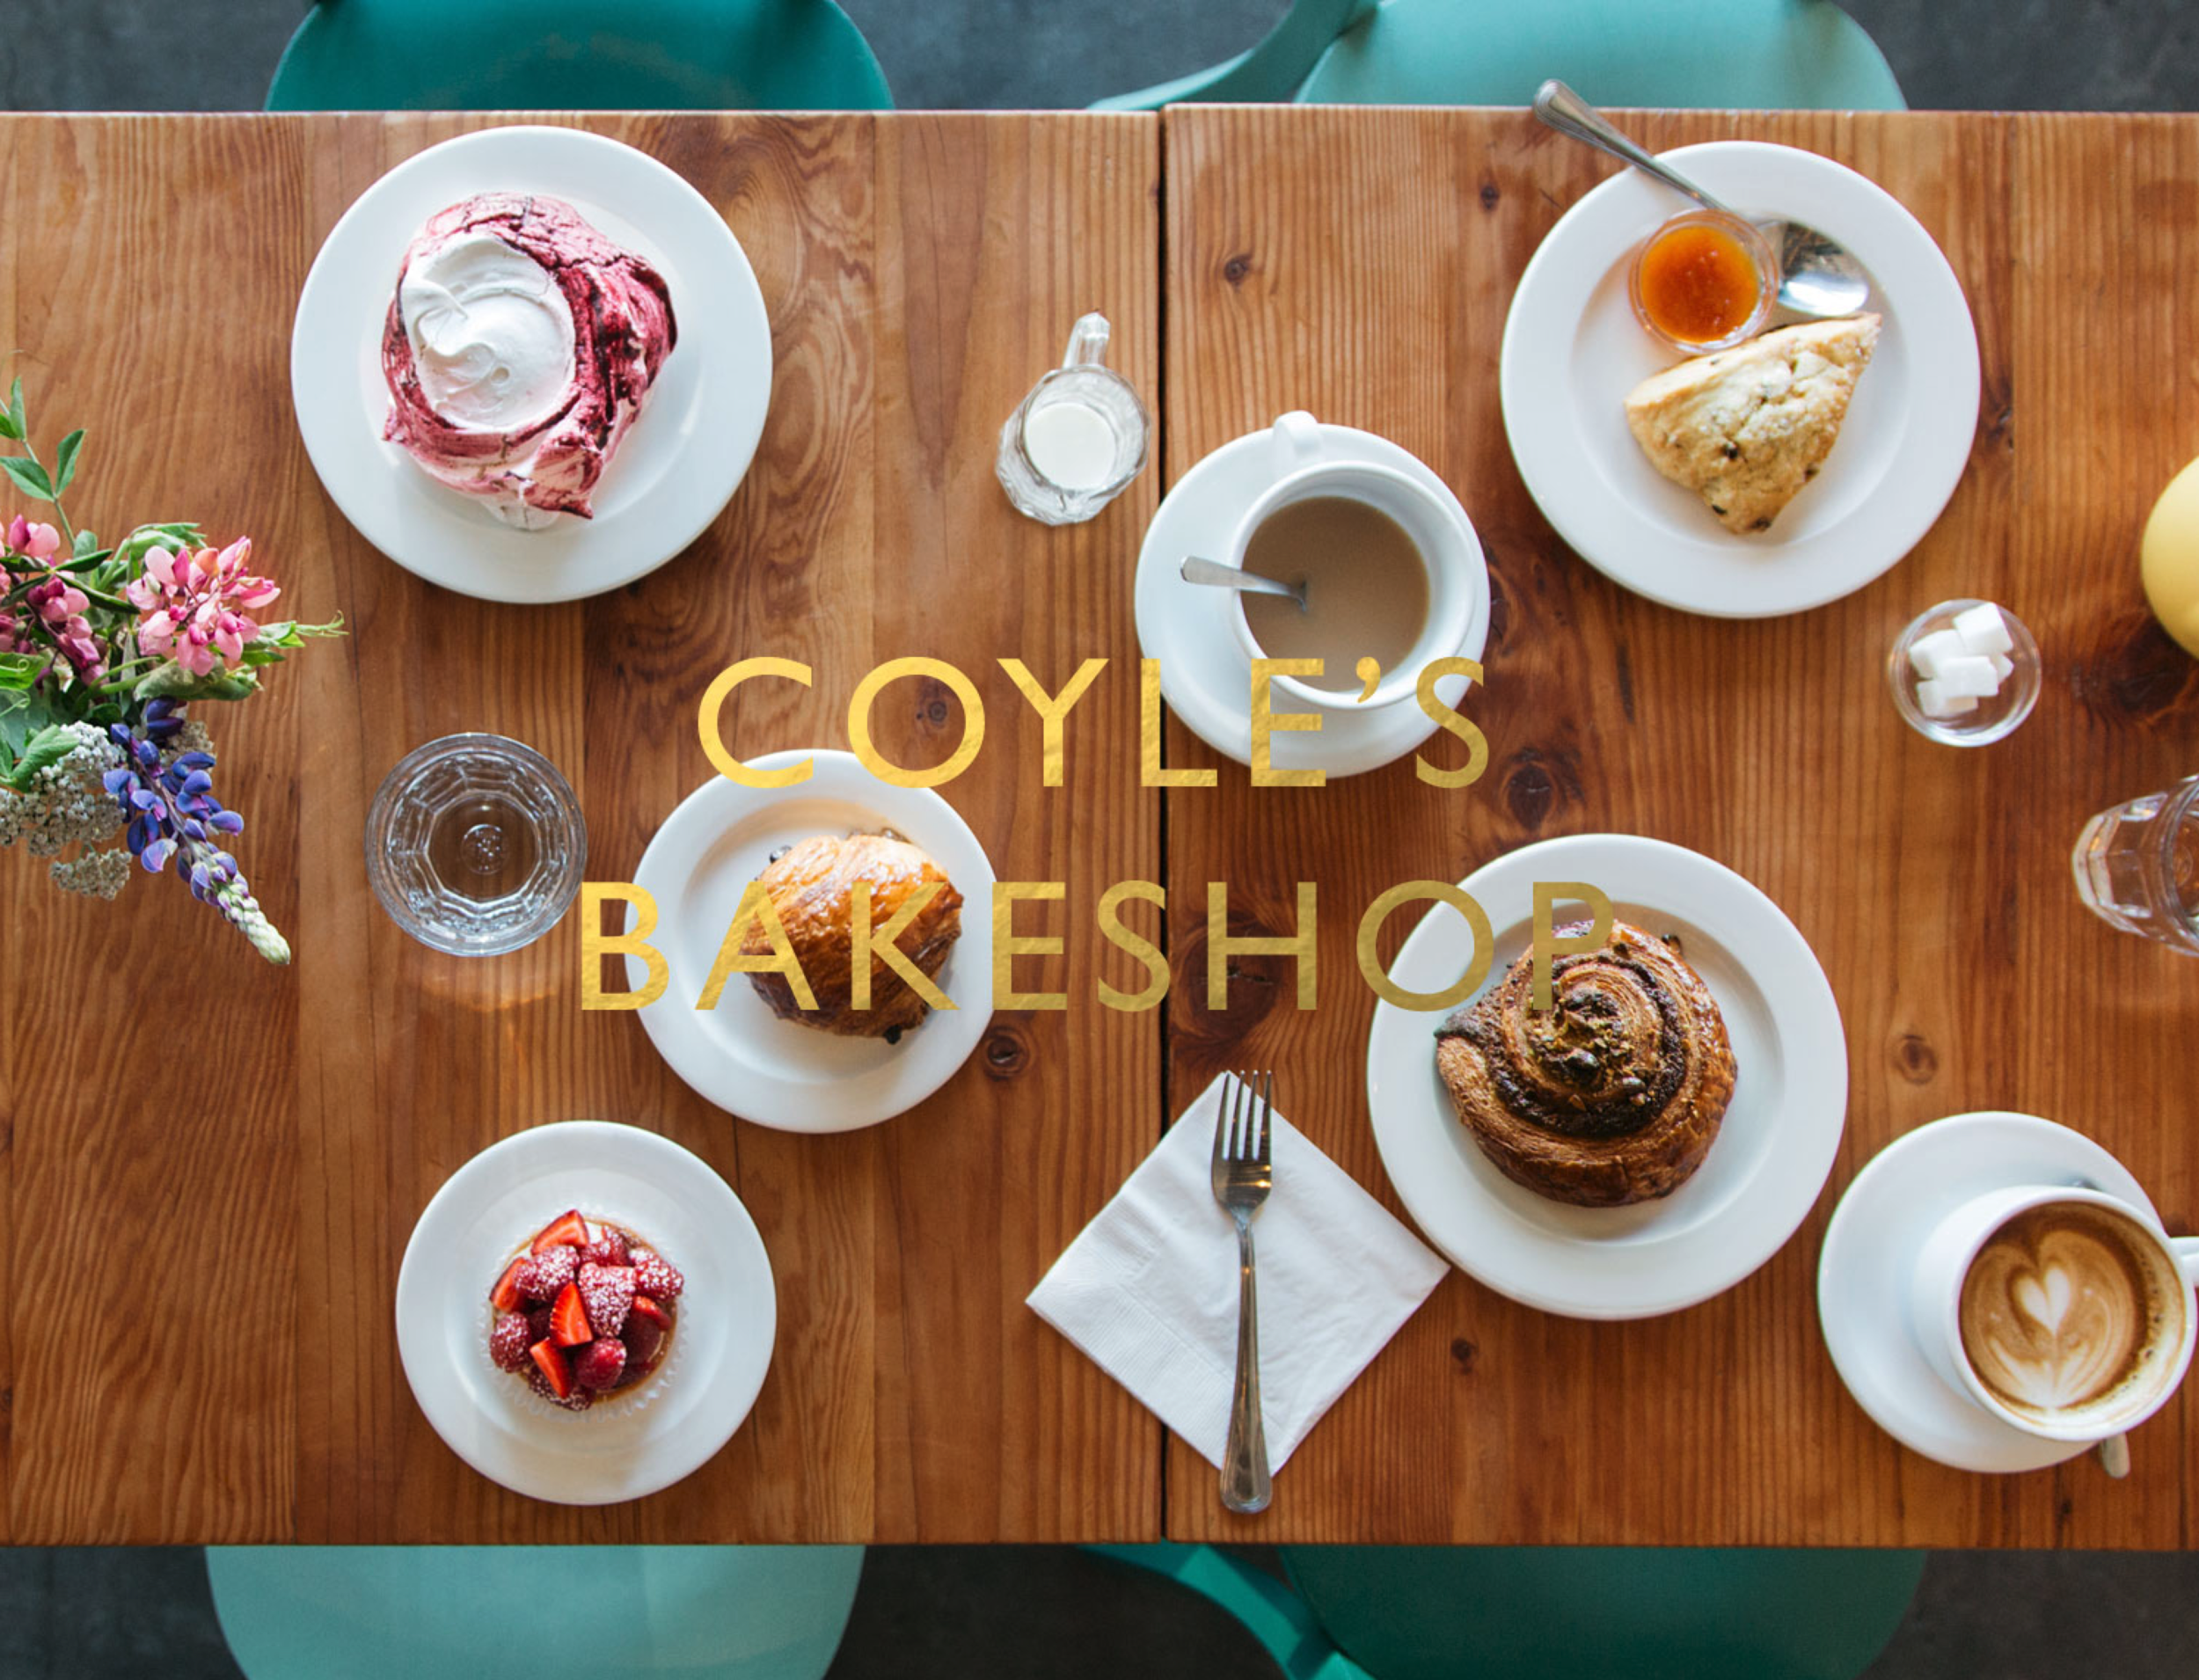 Coyle's Bake Shop